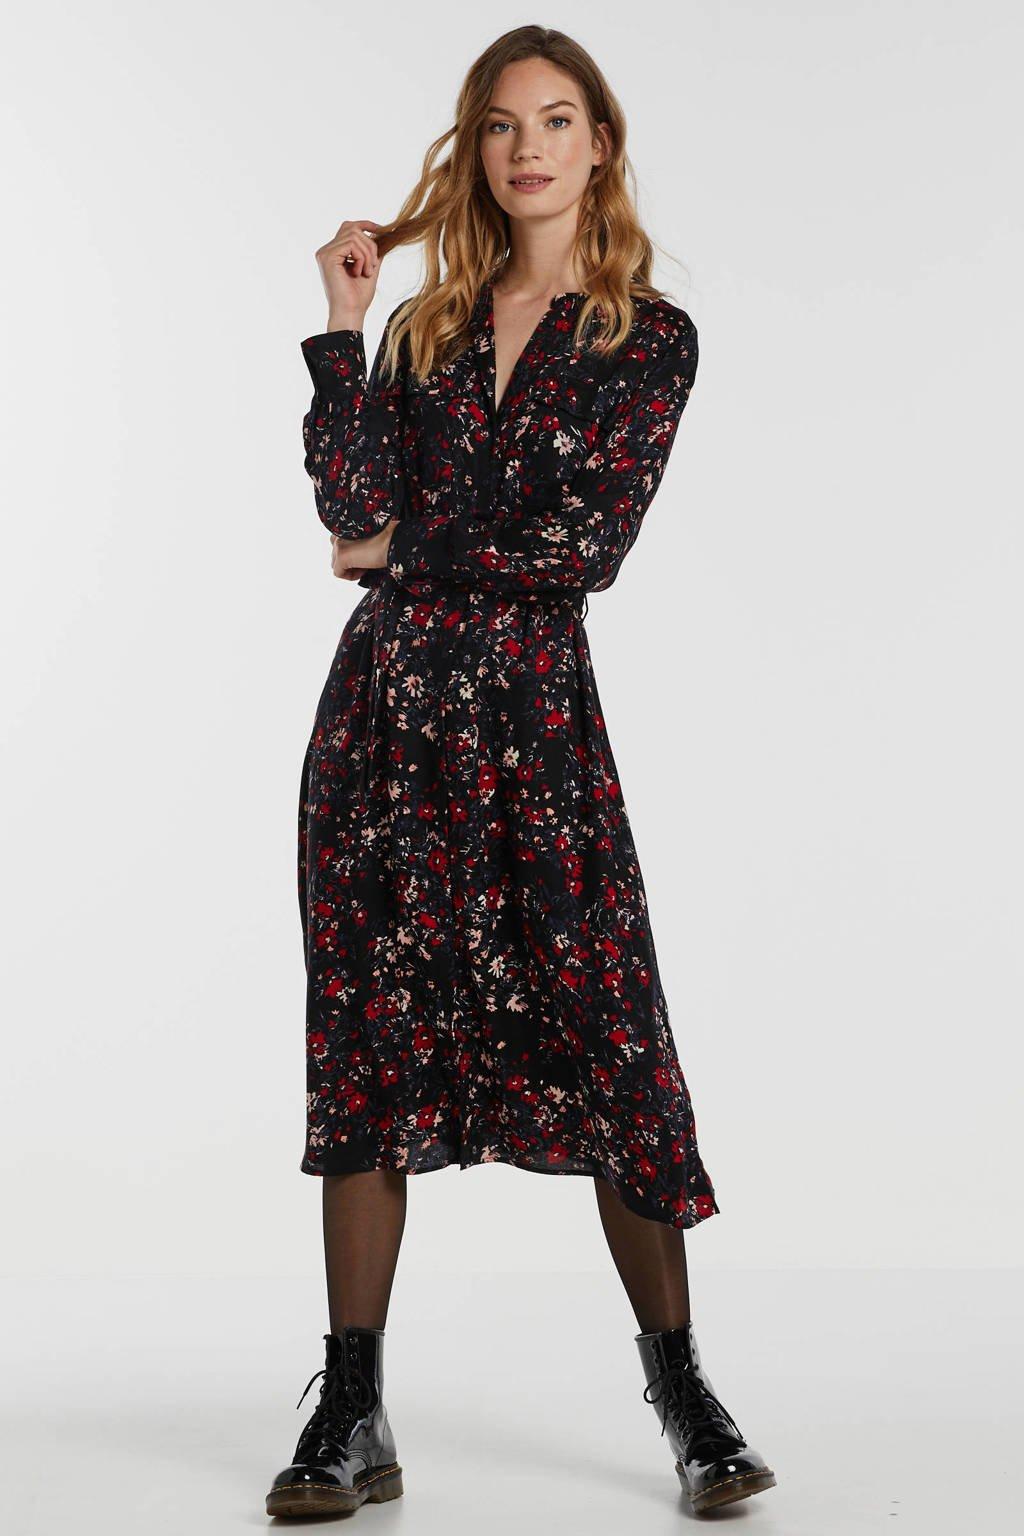 FREEQUENT blousejurk met all over print en ceintuur zwart/donkerblauw/rood, Zwart/donkerblauw/rood